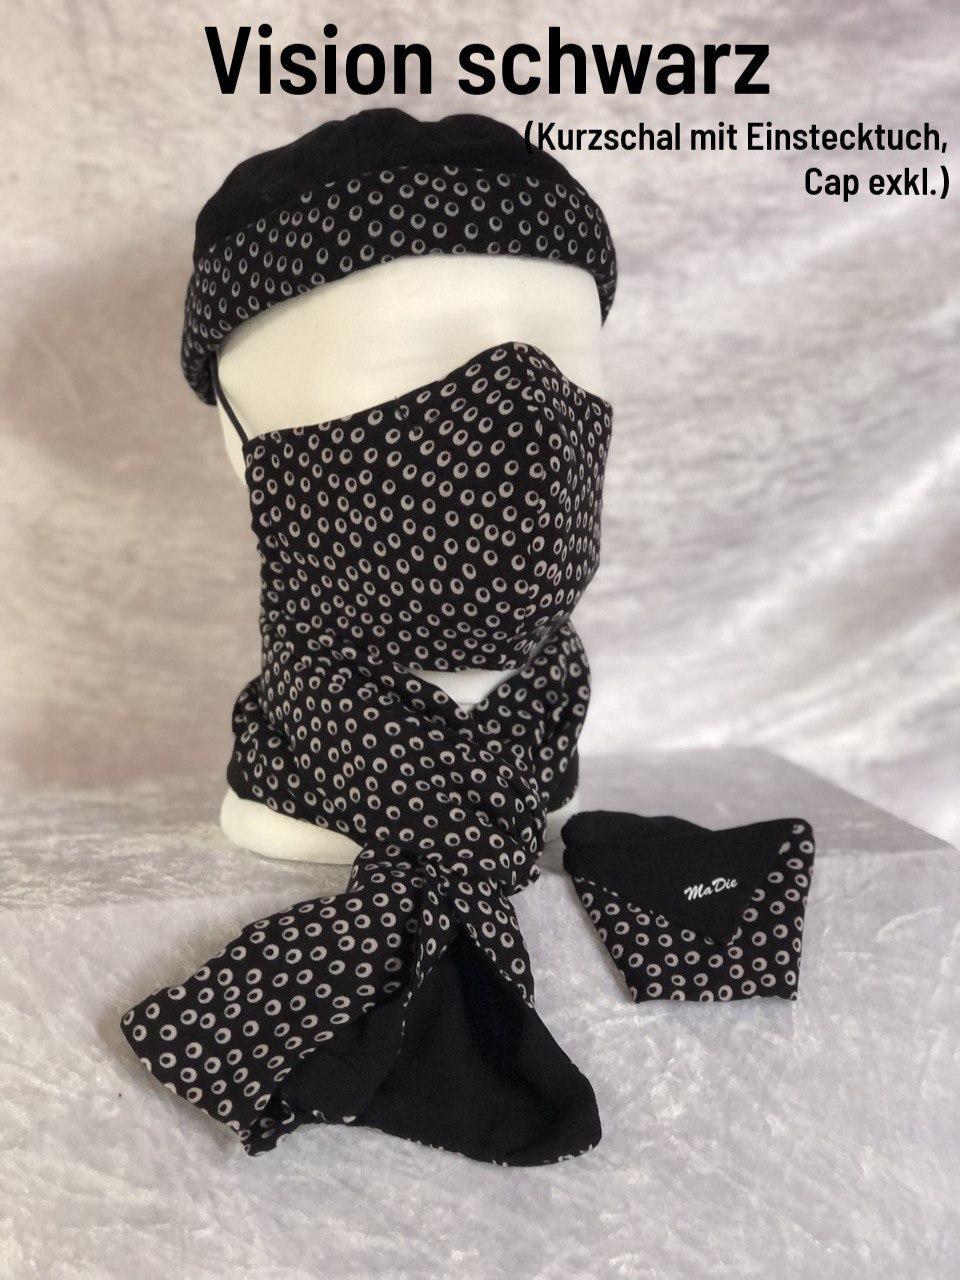 C - Maske + Schal + Cap exklusiv + Einstecktuch